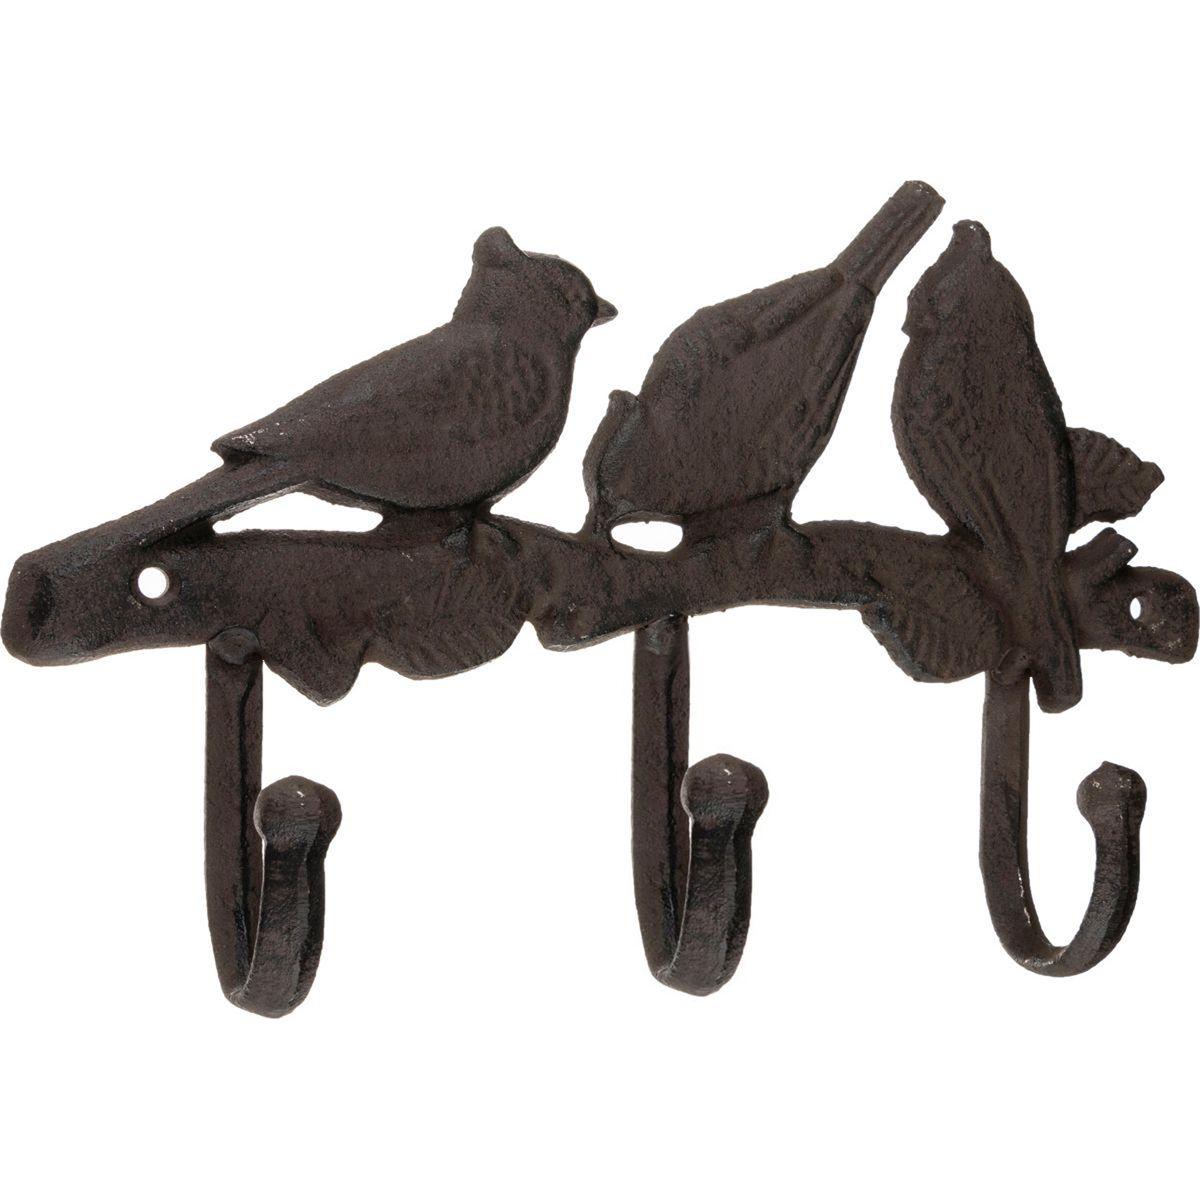 Вешалки-плечики Lefard Вешалка Gayle (25х16 см) lefard сувенир mikado 15 см